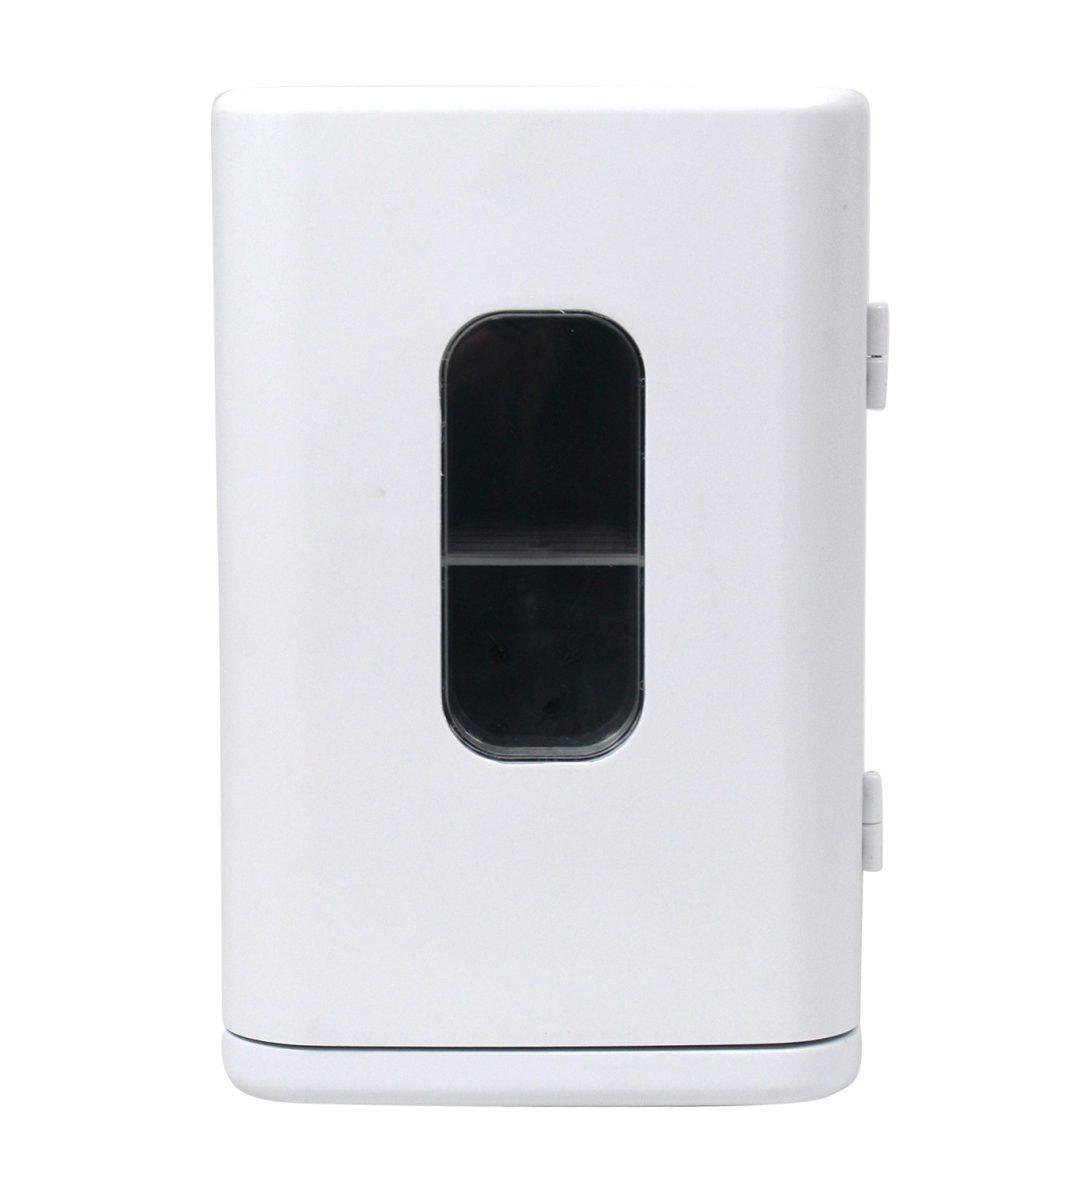 ディスプレー型ポータブル保冷温庫8L1台(ホワイト)